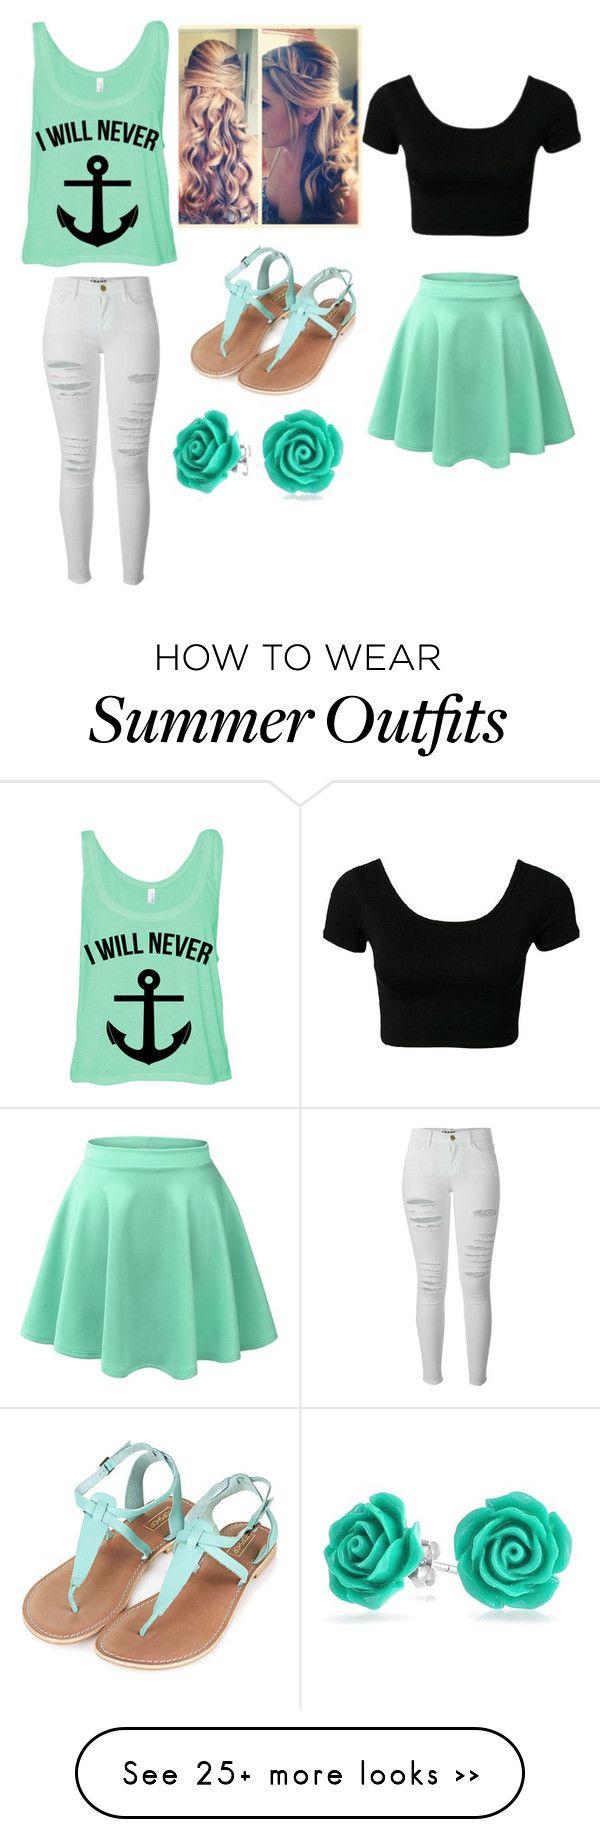 Vestimenta para verano